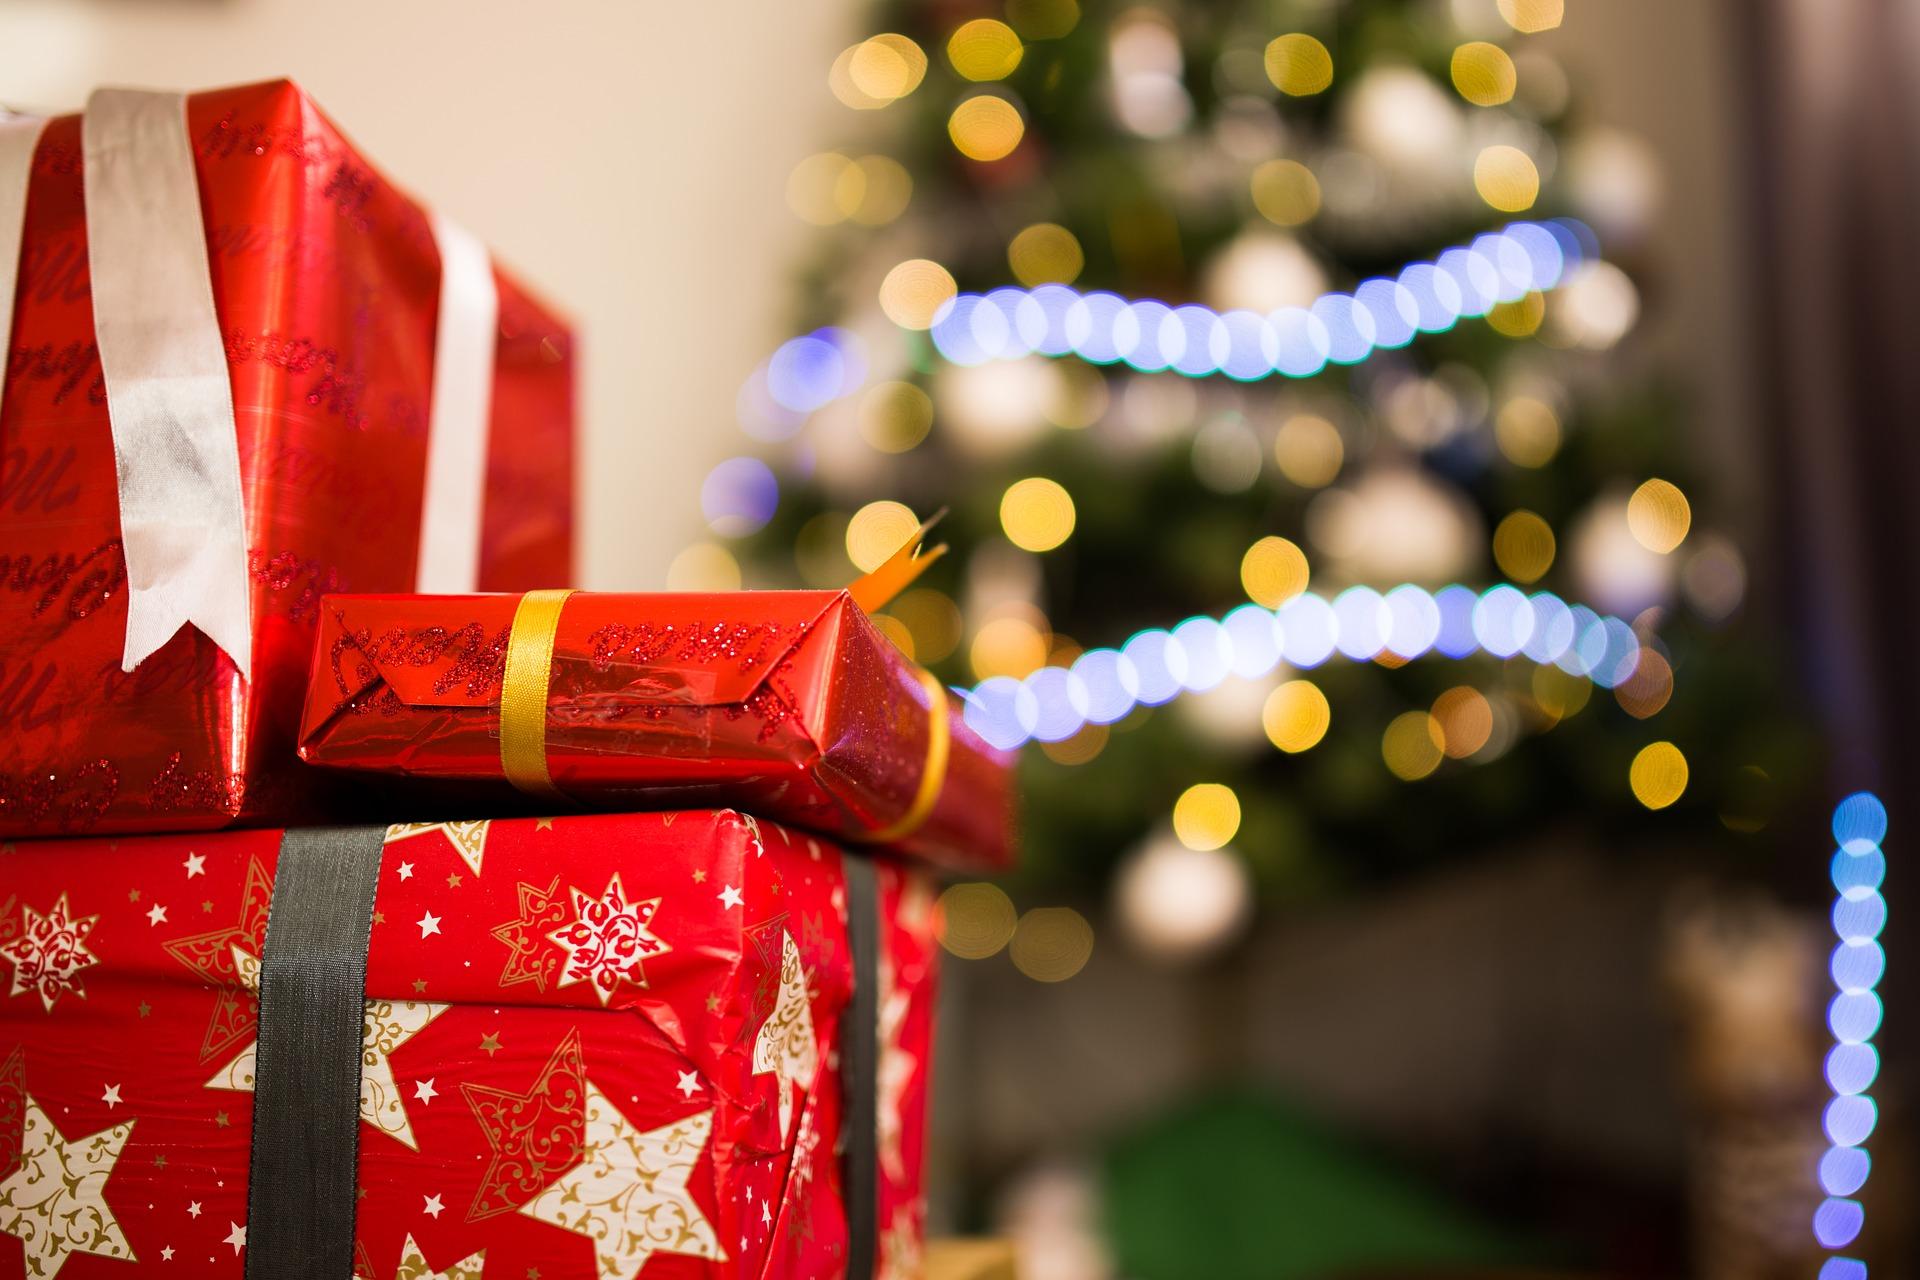 Consumo responsable en Navidad: cómo comprar conscientemente